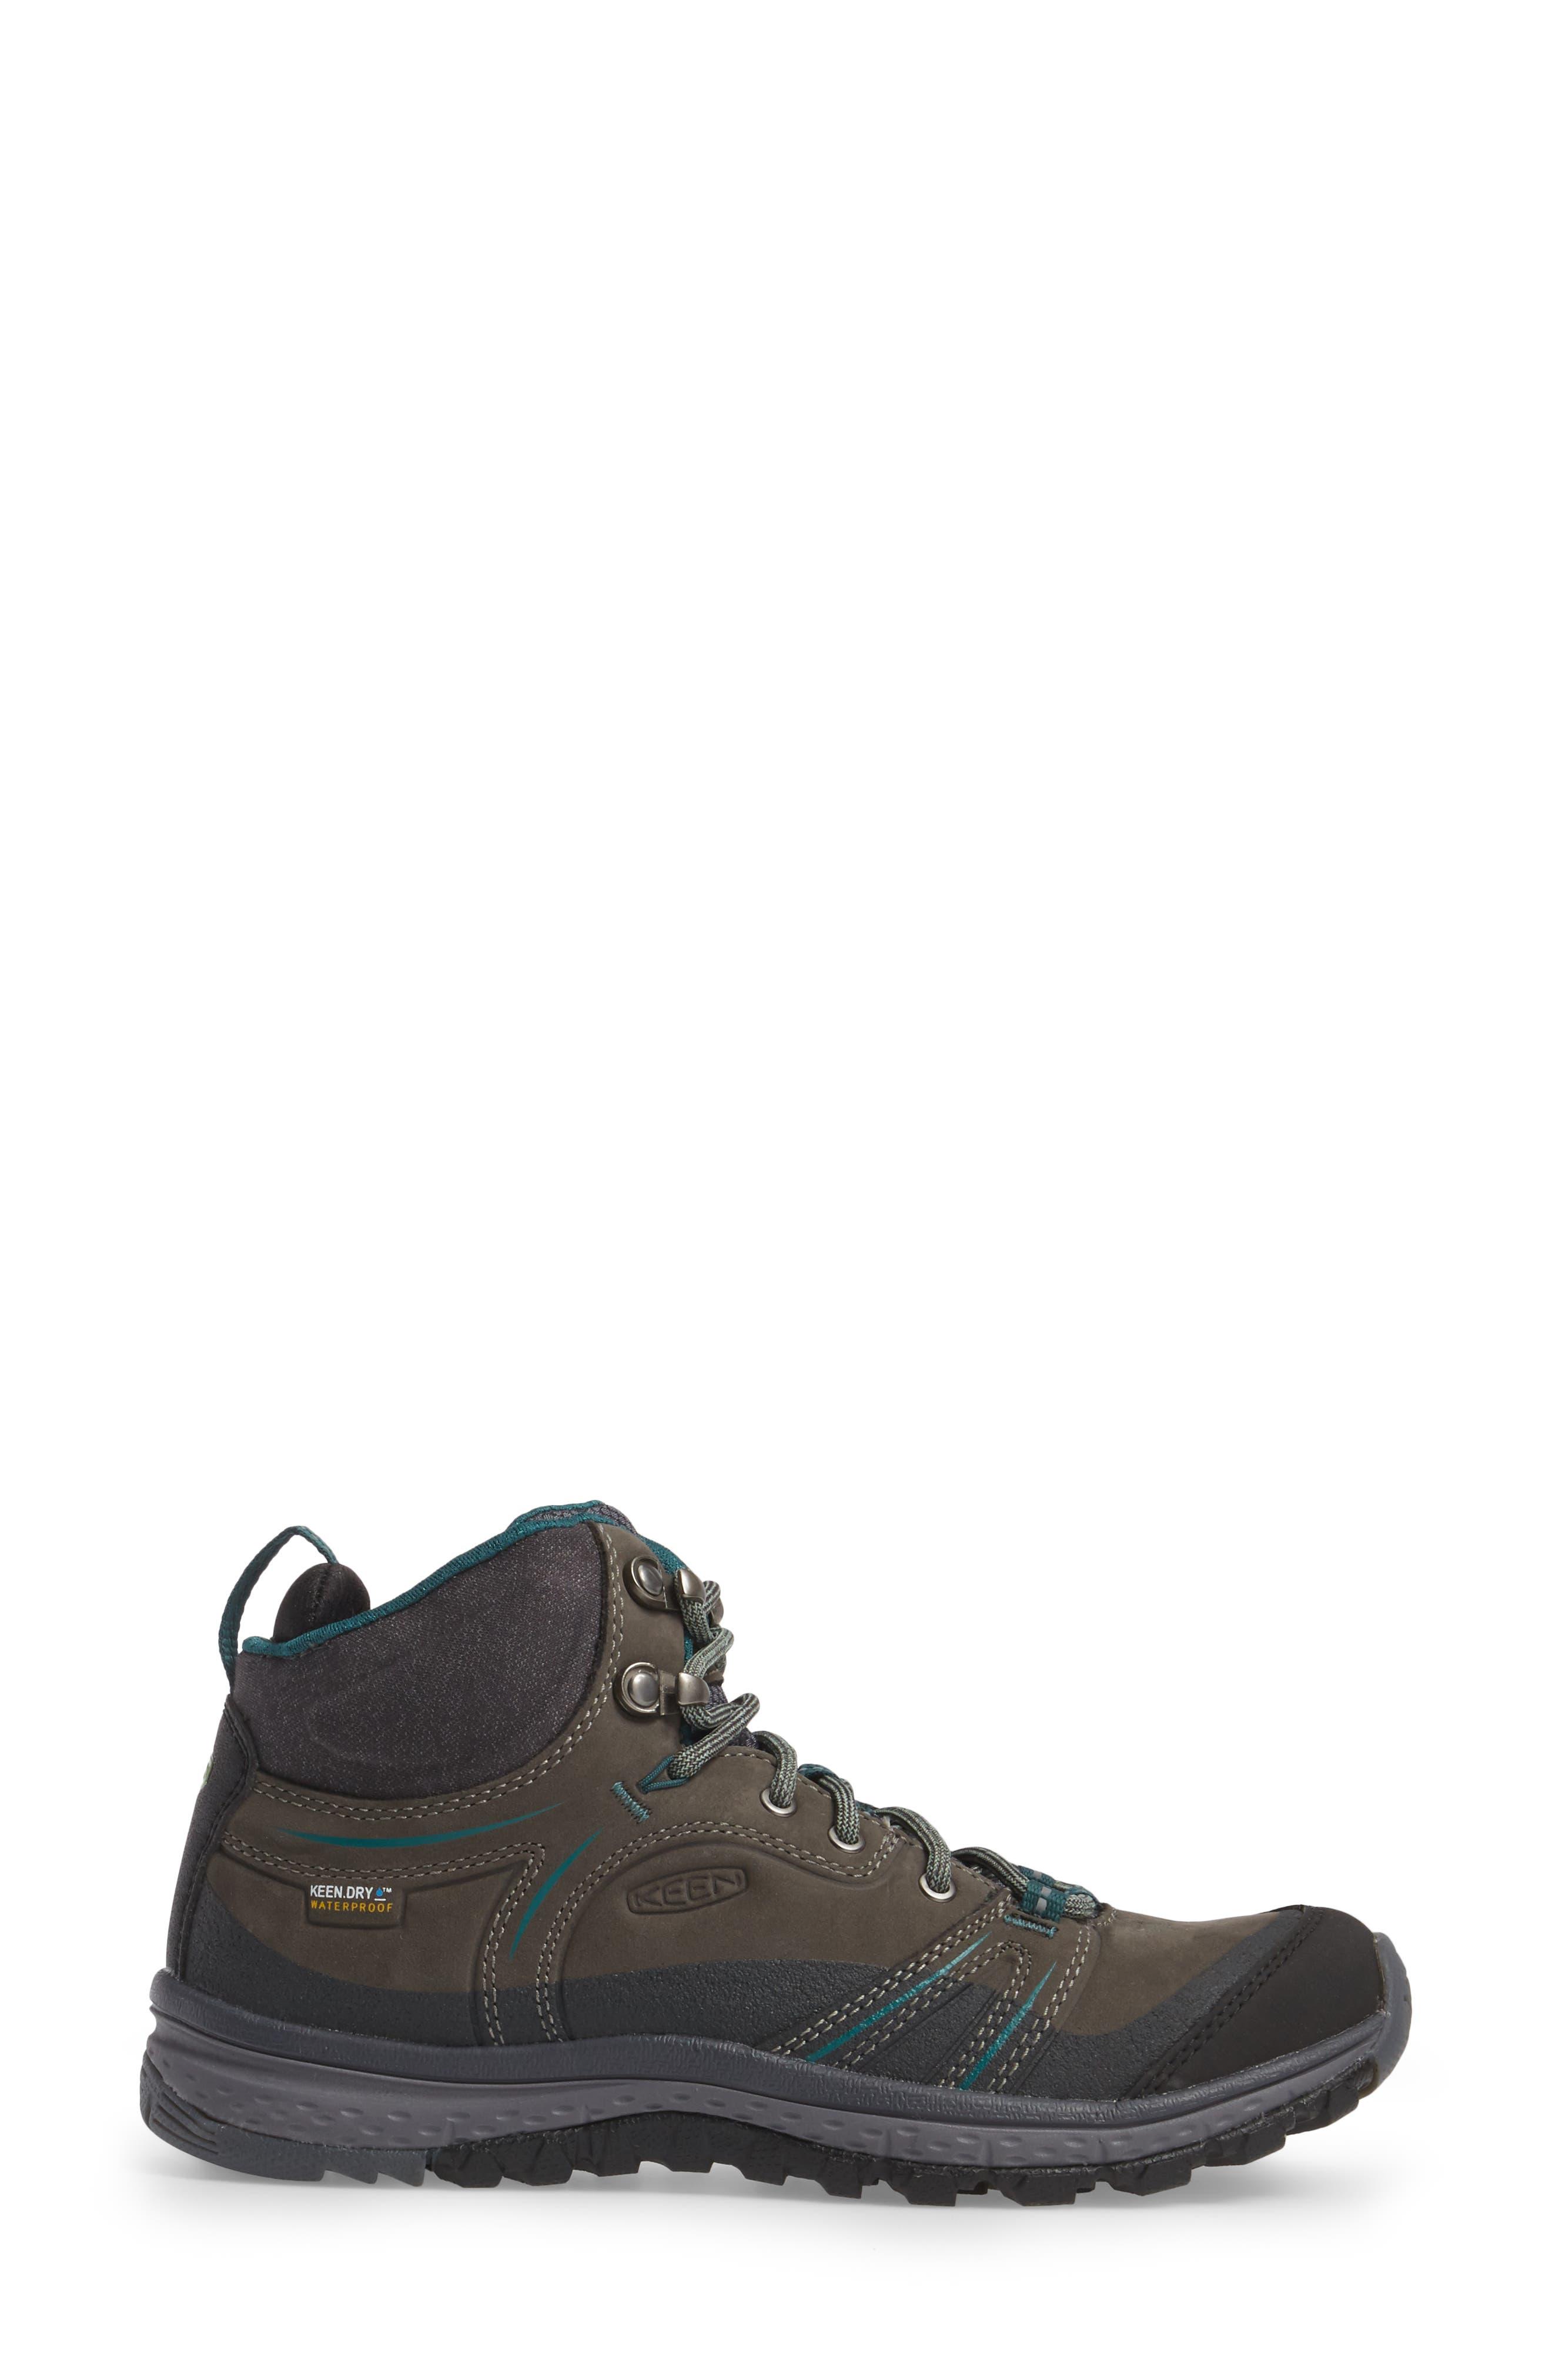 Terradora Leather Waterproof Hiking Boot,                             Alternate thumbnail 3, color,                             MUSHROOM NUBUCK LEATHER